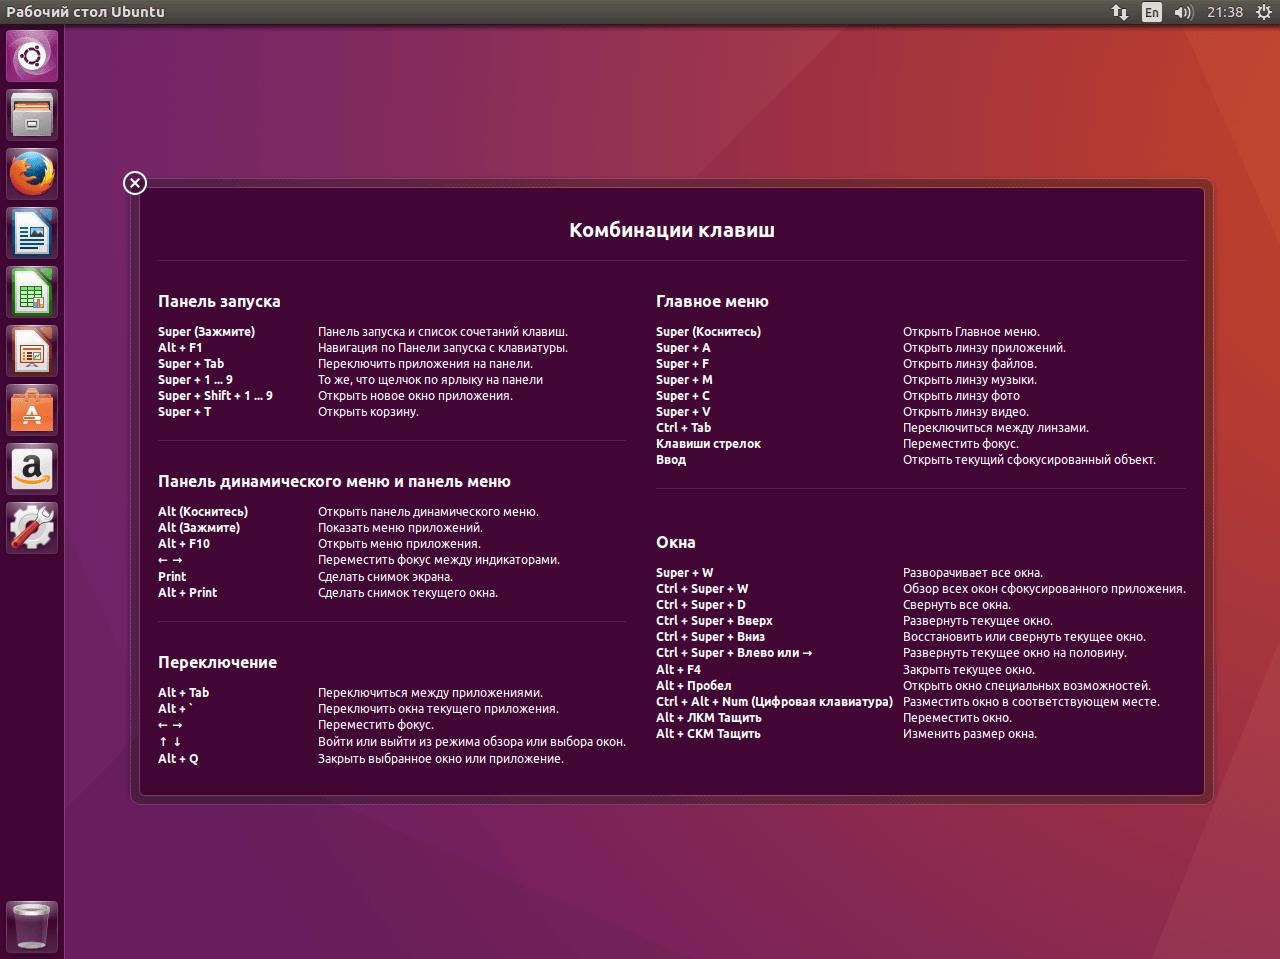 Установка Ubuntu Linux: инструкция для пользователя Windows 98